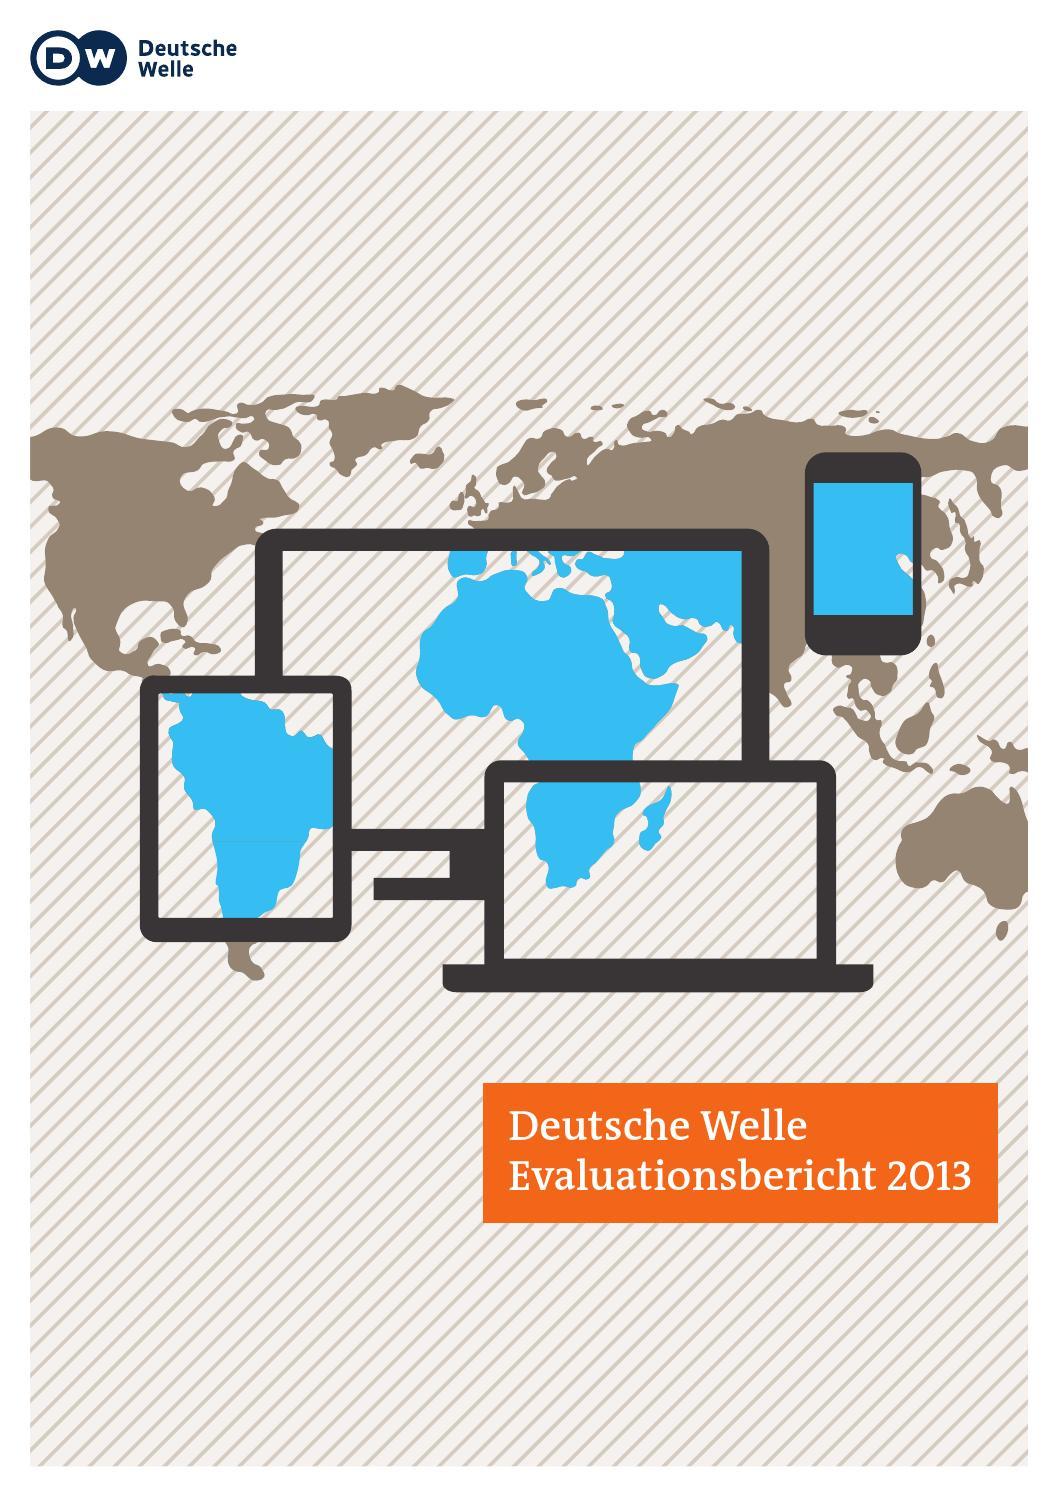 Evaluationsbericht 2010 bis 2013 by Deutsche Welle - issuu